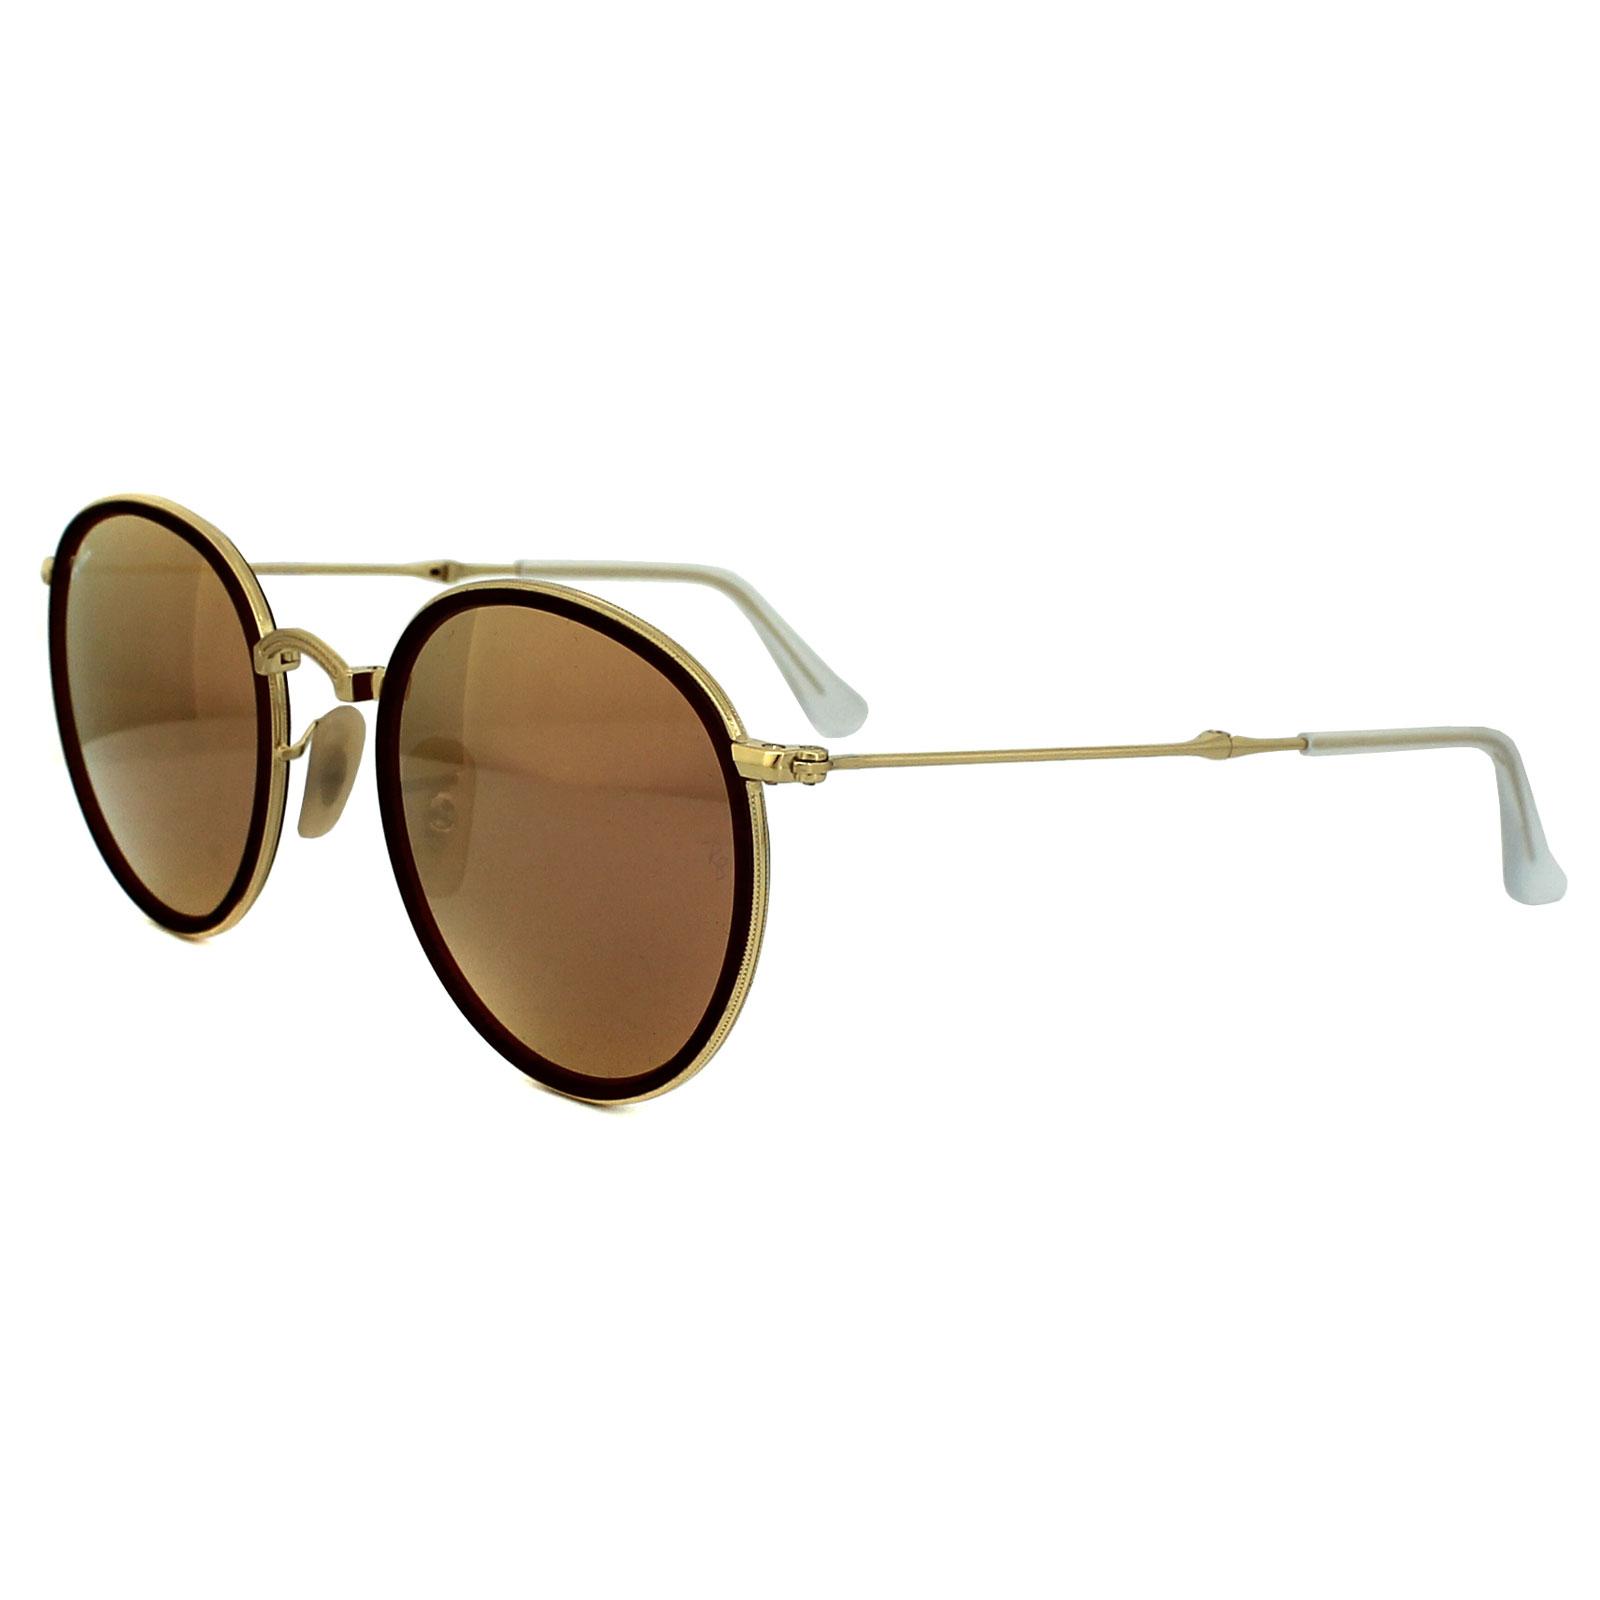 Copper Sunglasses  ray ban sunglasses round folding 3517 001 z2 gold copper mirror ebay